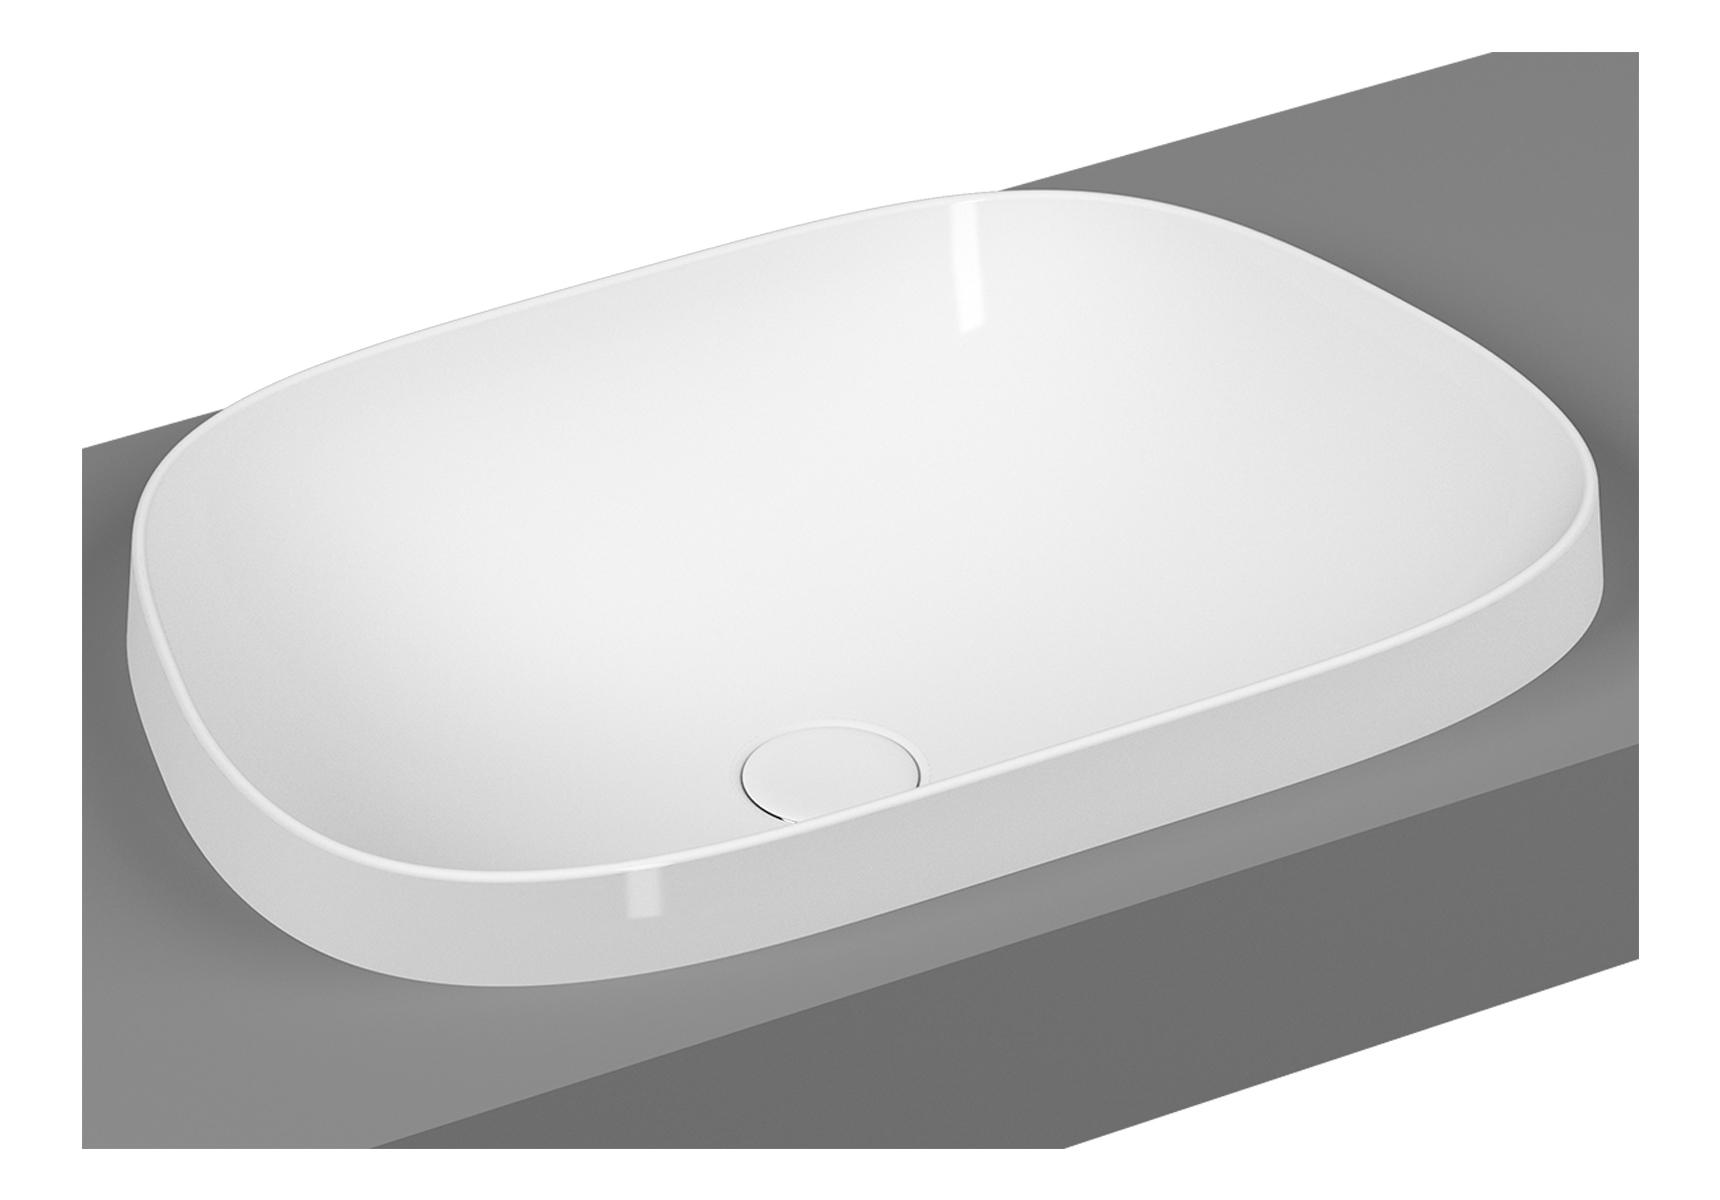 Frame vasque encastrée, trapèze, 57 cm, sans plage de robinetterie, sans trop-plein, blanc brillant